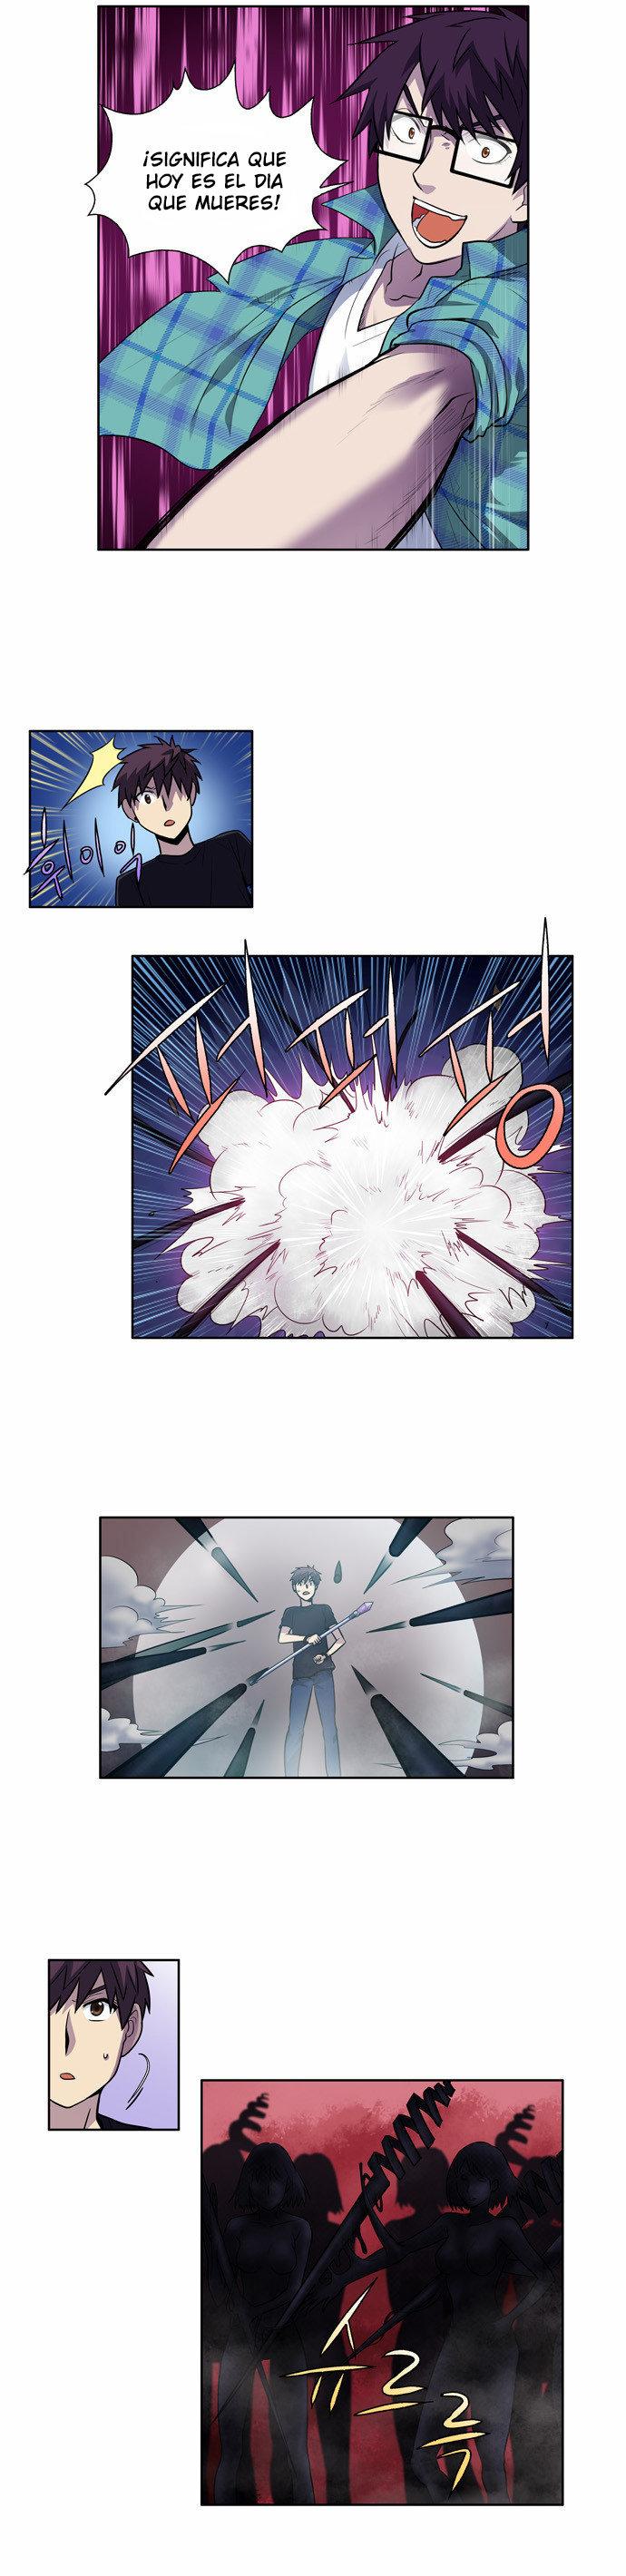 http://c5.ninemanga.com/es_manga/61/1725/439979/bf8e075b9ff4350caeedced1dcd9a251.jpg Page 5